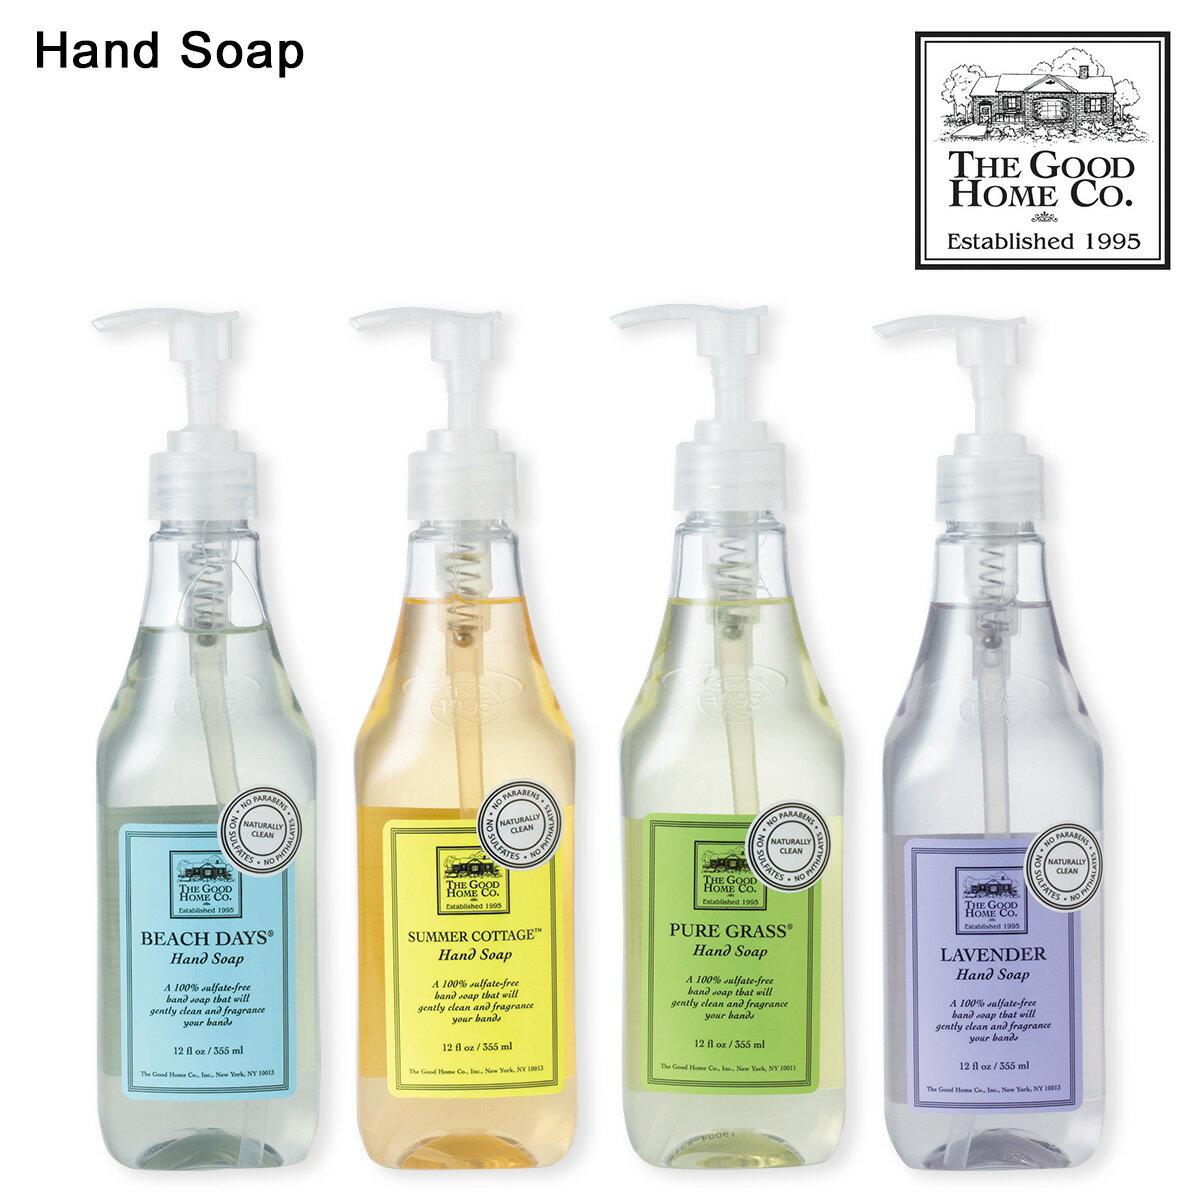 ザ グッドホーム カンパニー THE GOOD HOME CO ハンドソープ 石鹸 せっけん ギフト 355ml HAND SOAP 【海外発送不可】